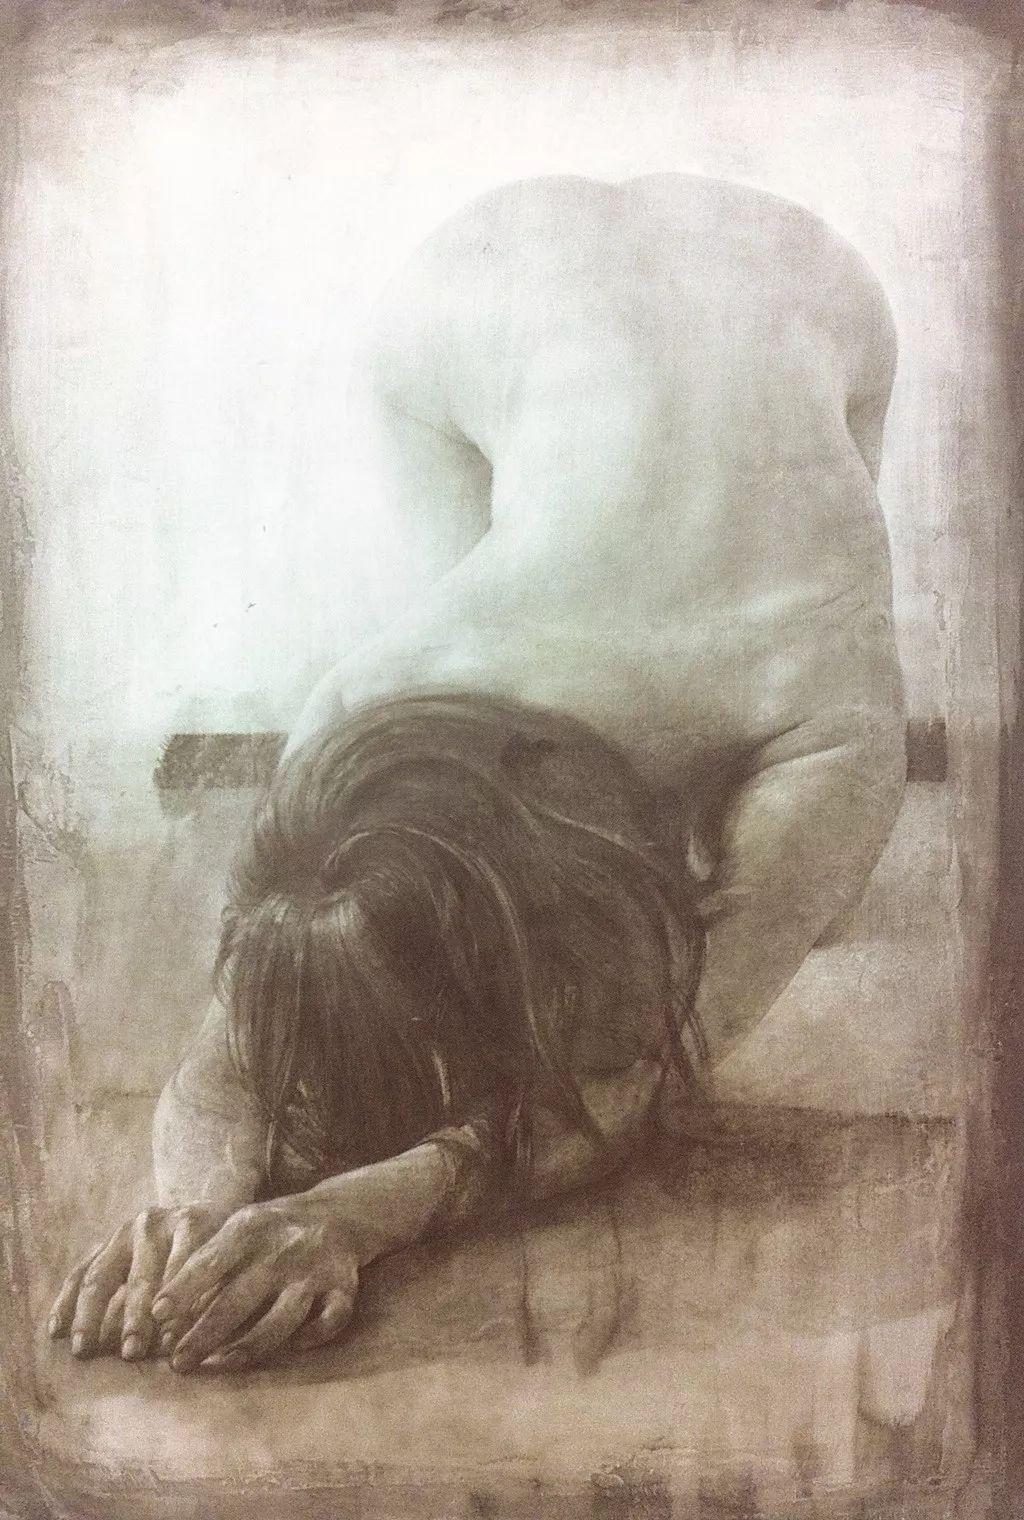 日本青年写实油画 22位画家作品插图117